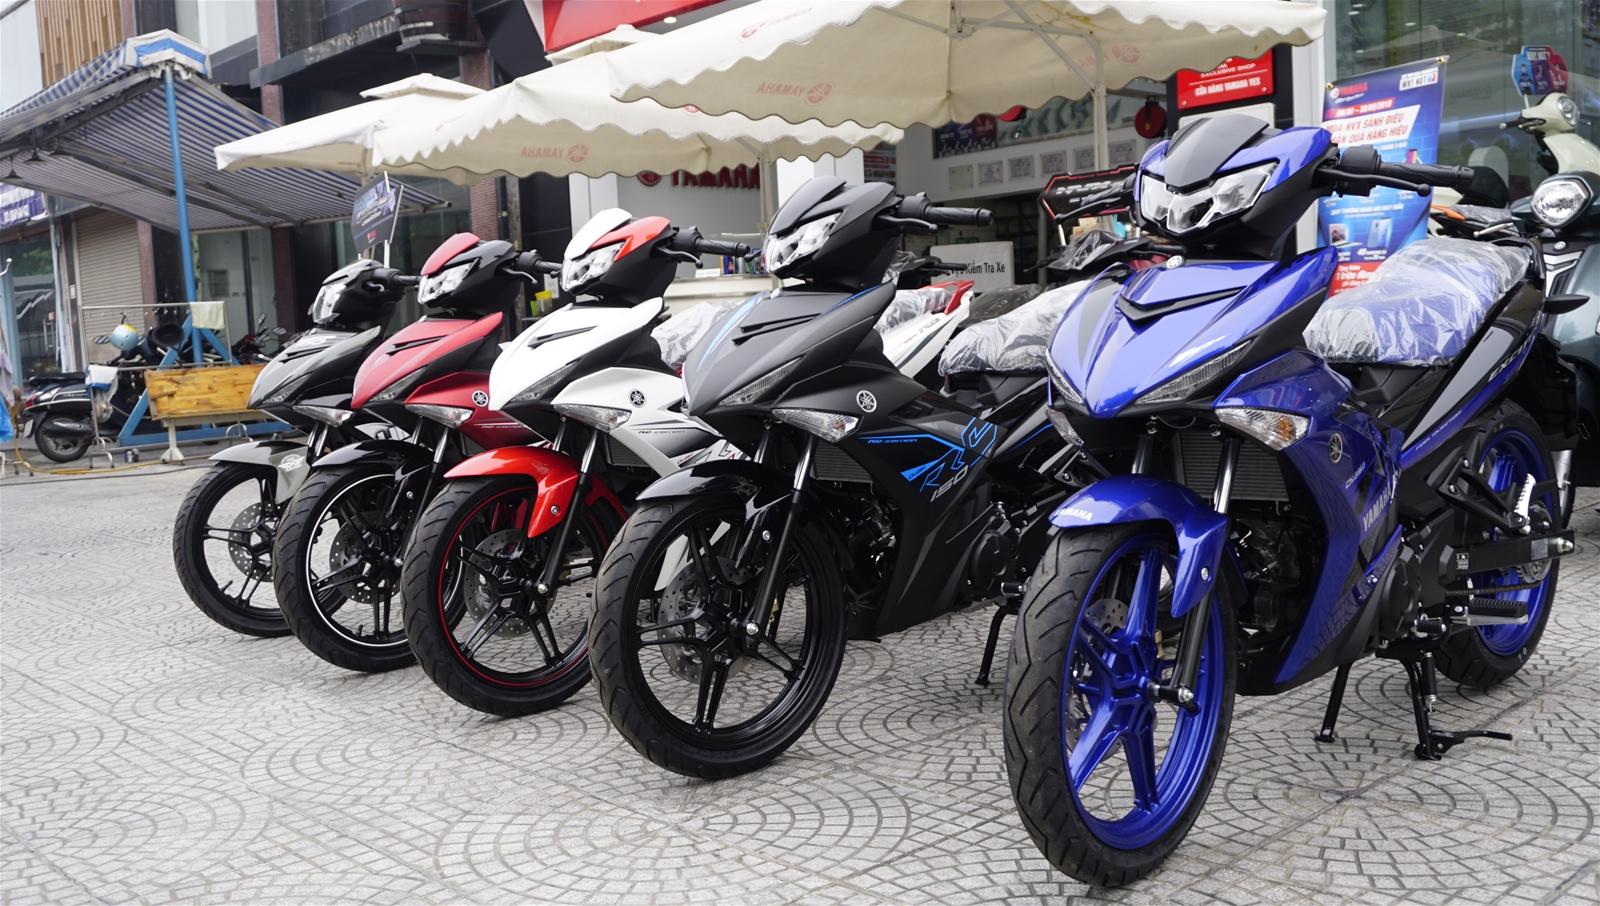 Bảng giá xe máy Yamaha cập nhật tháng 7/2020